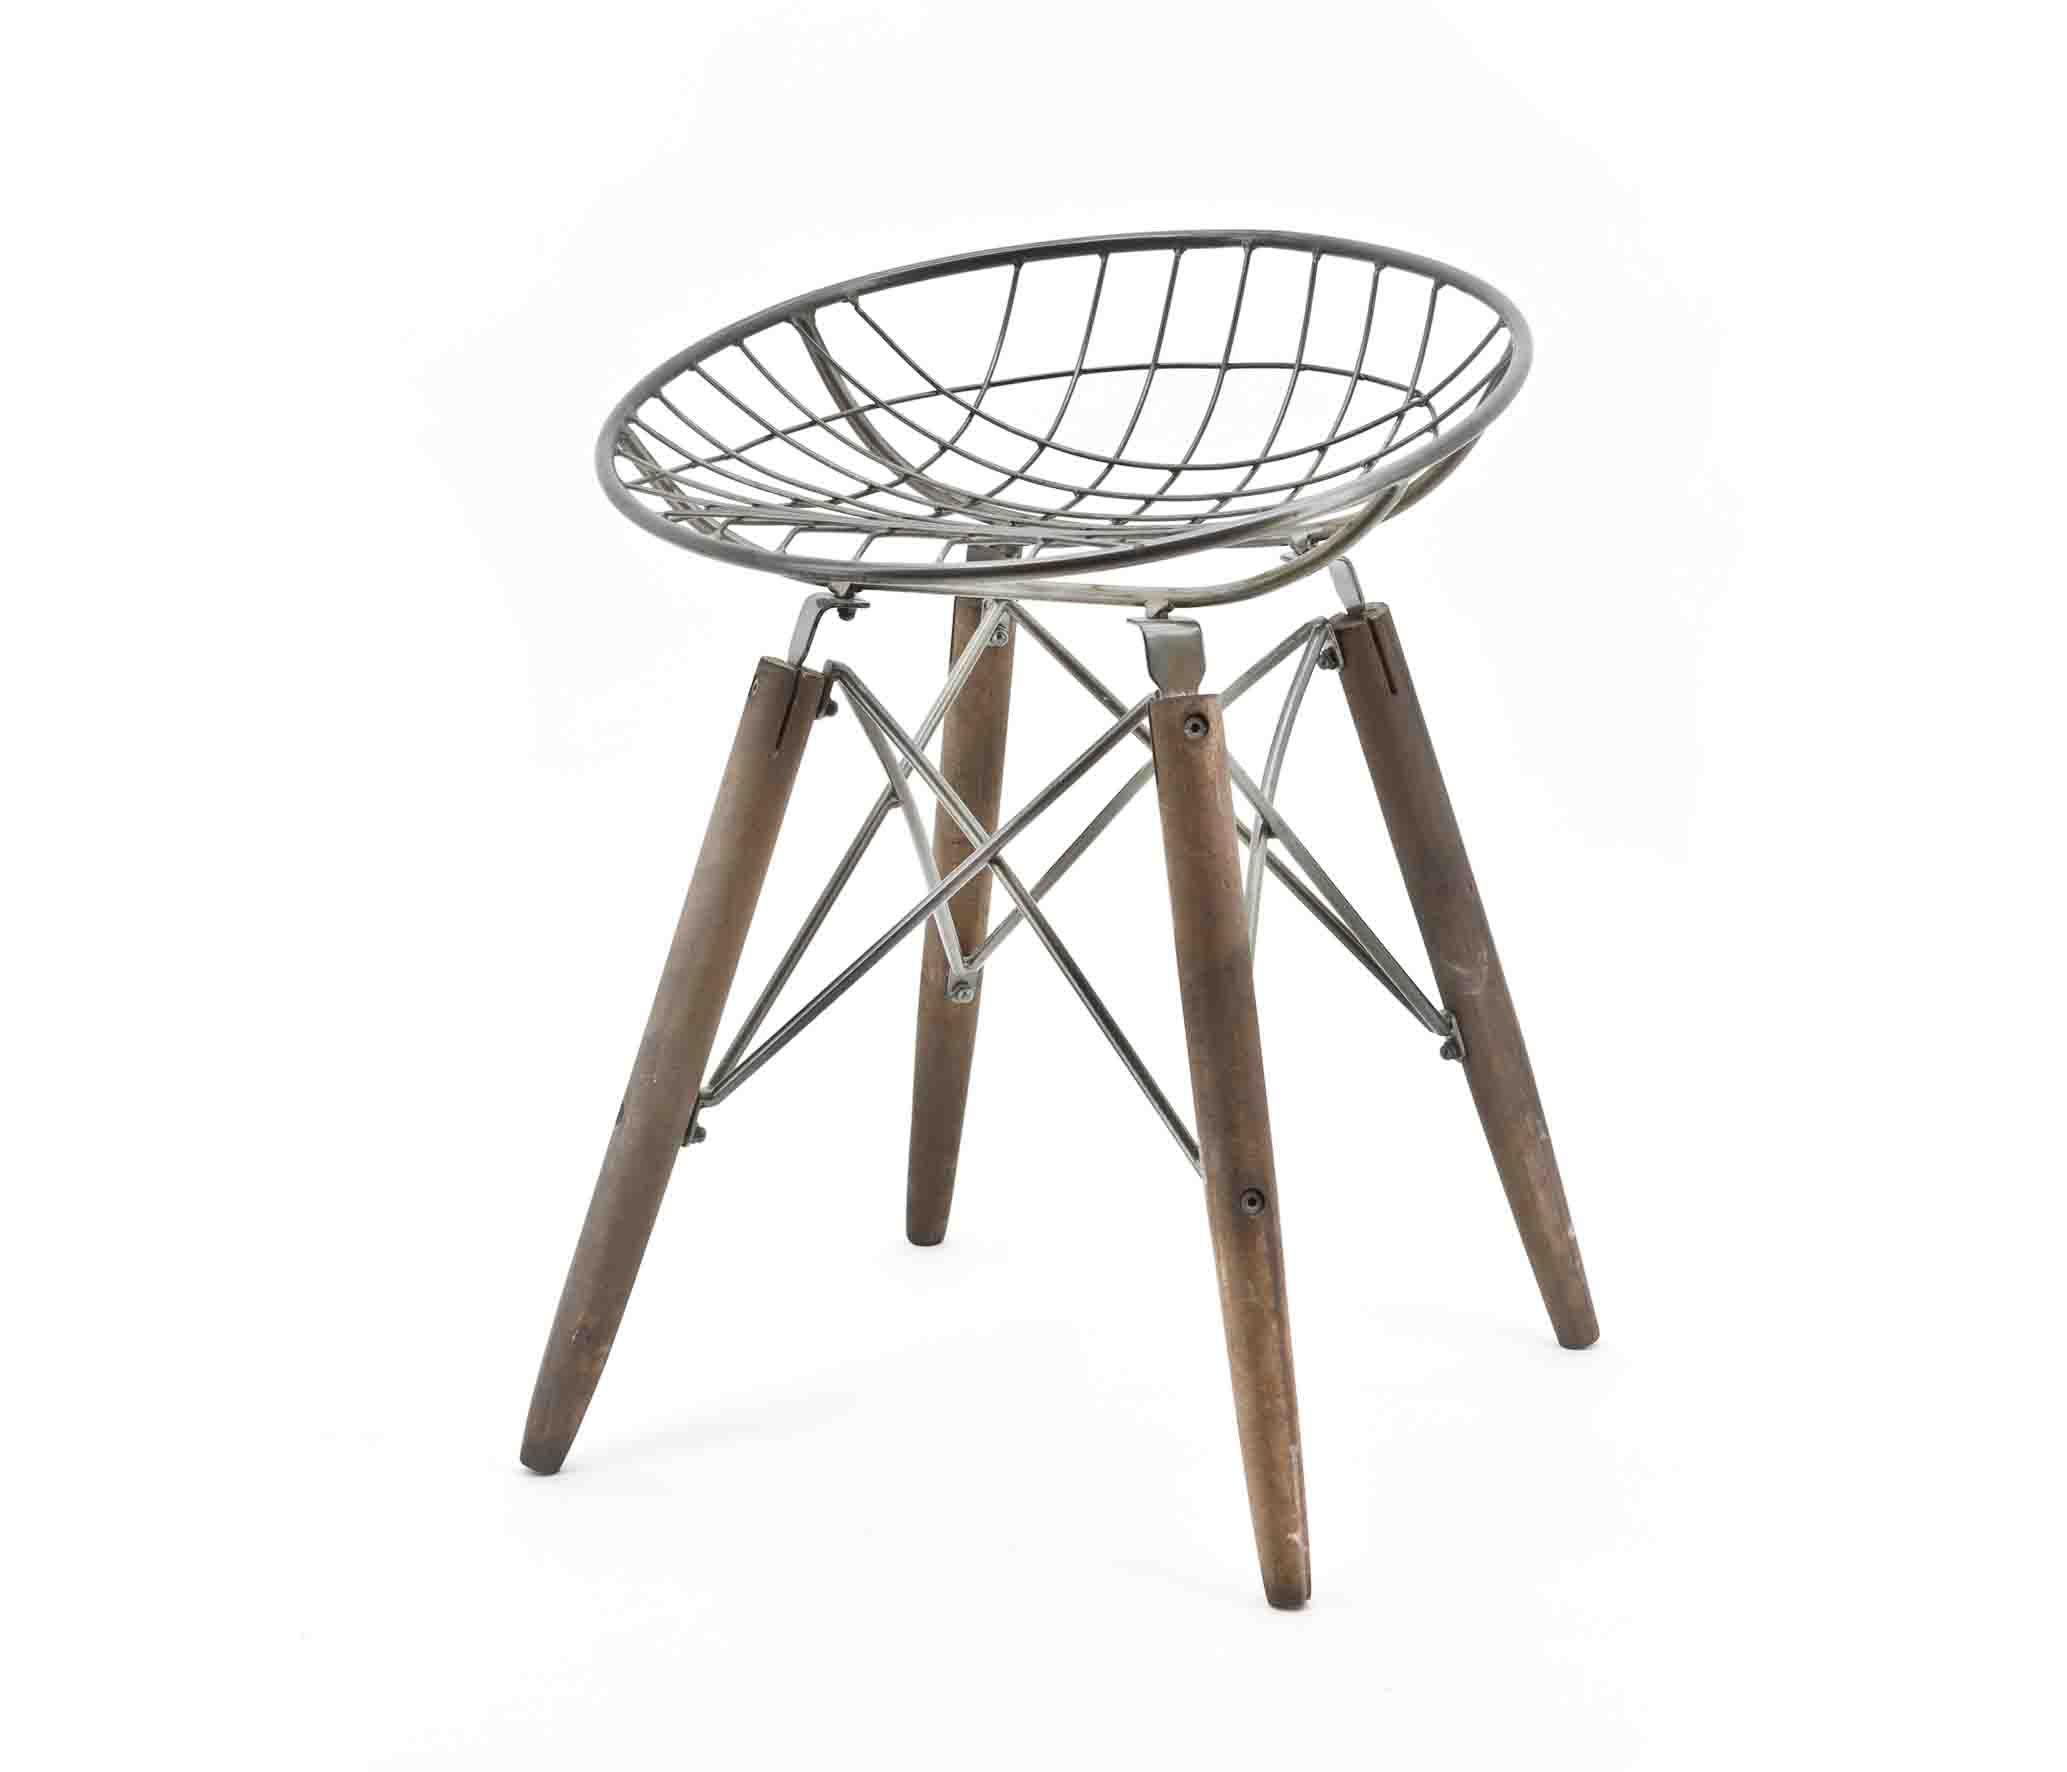 Industrie Design Sitzhocker Hocker Stuhl WIRE Rund Vintage Holz Metall NEU  In Möbel U0026 Wohnen, Möbel, Stühle